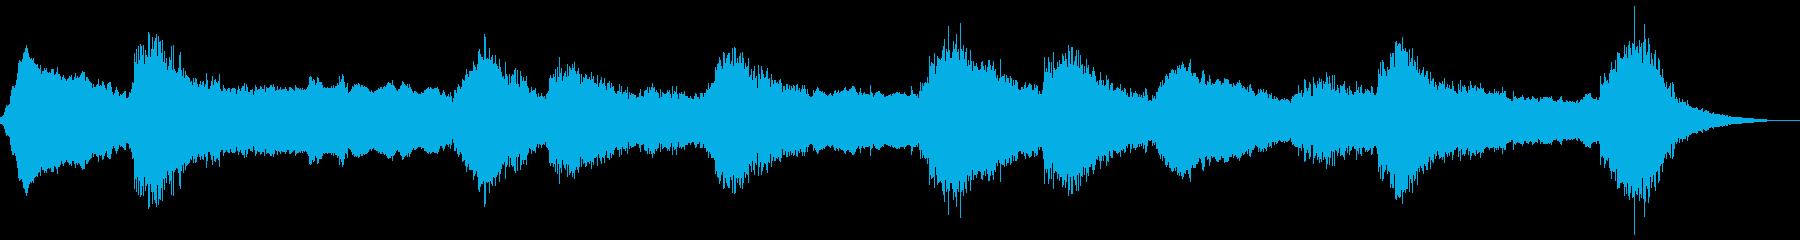 神秘的な幻影の再生済みの波形